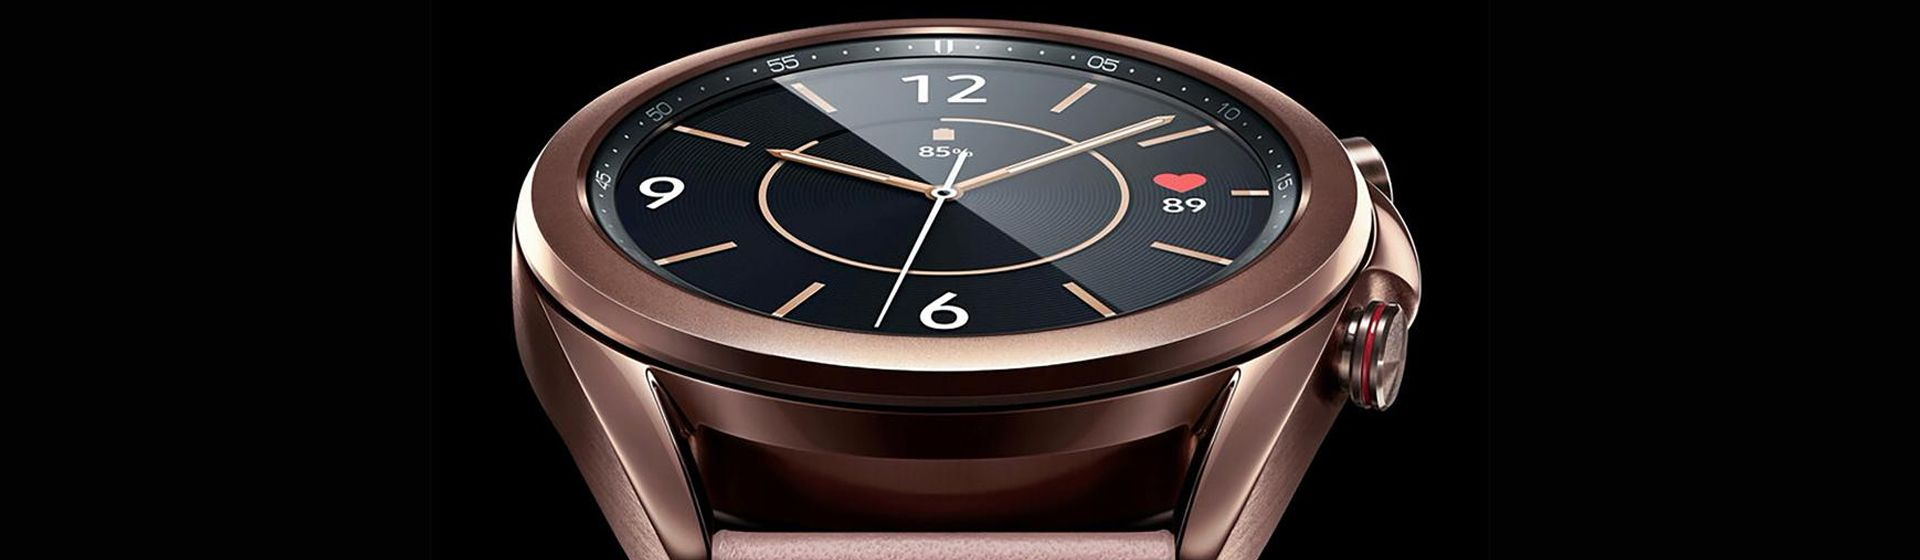 Samsung Galaxy Watch 3: tudo sobre o lançamento do novo smartwatch